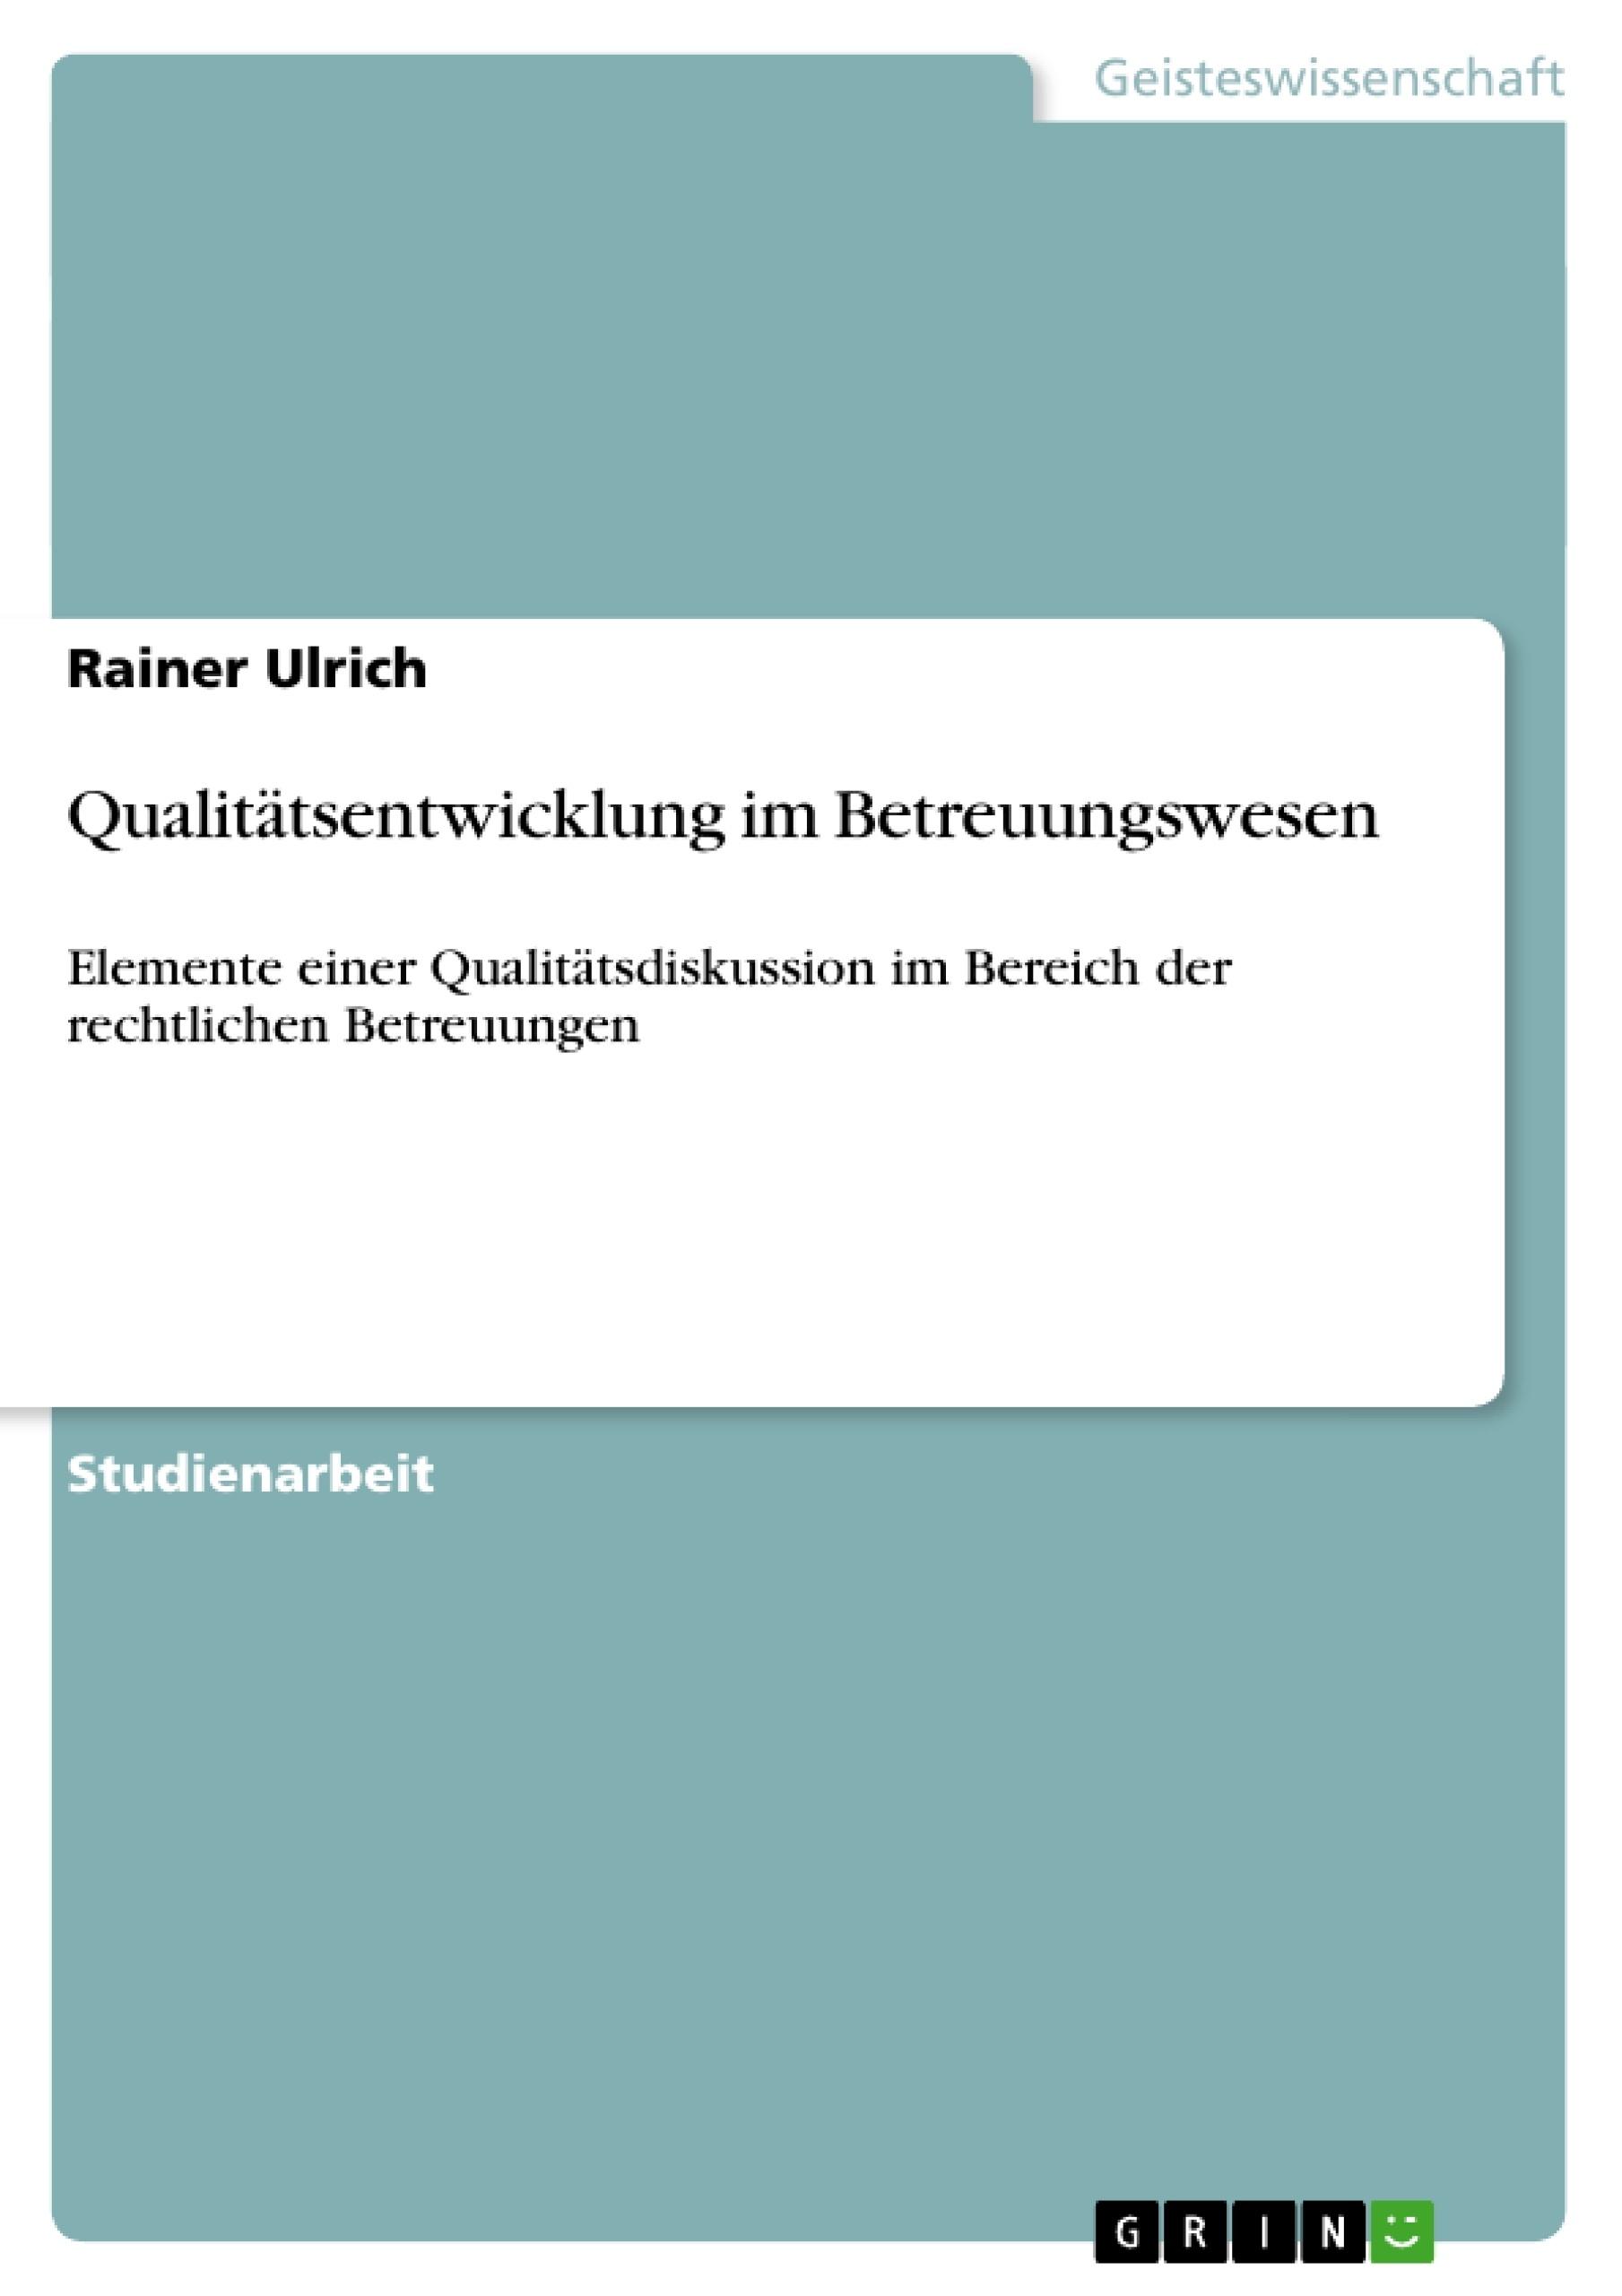 Titel: Qualitätsentwicklung im Betreuungswesen